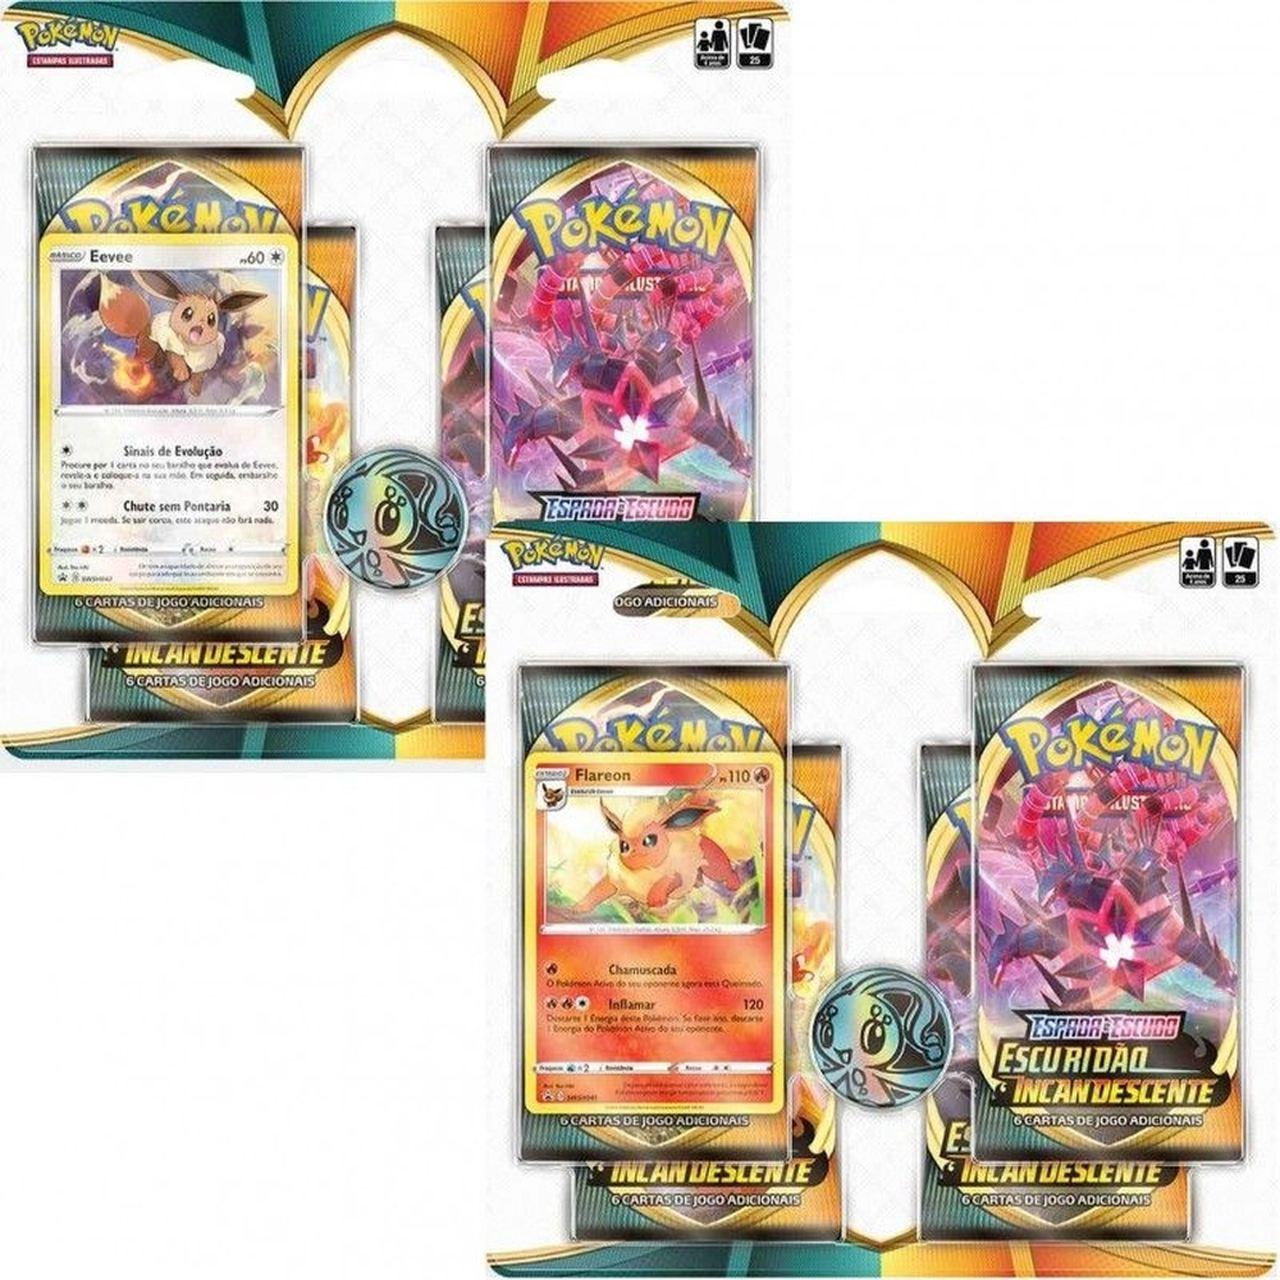 Pokémon - 2 Blister Flareon e Eevee - Incandescente - Copag